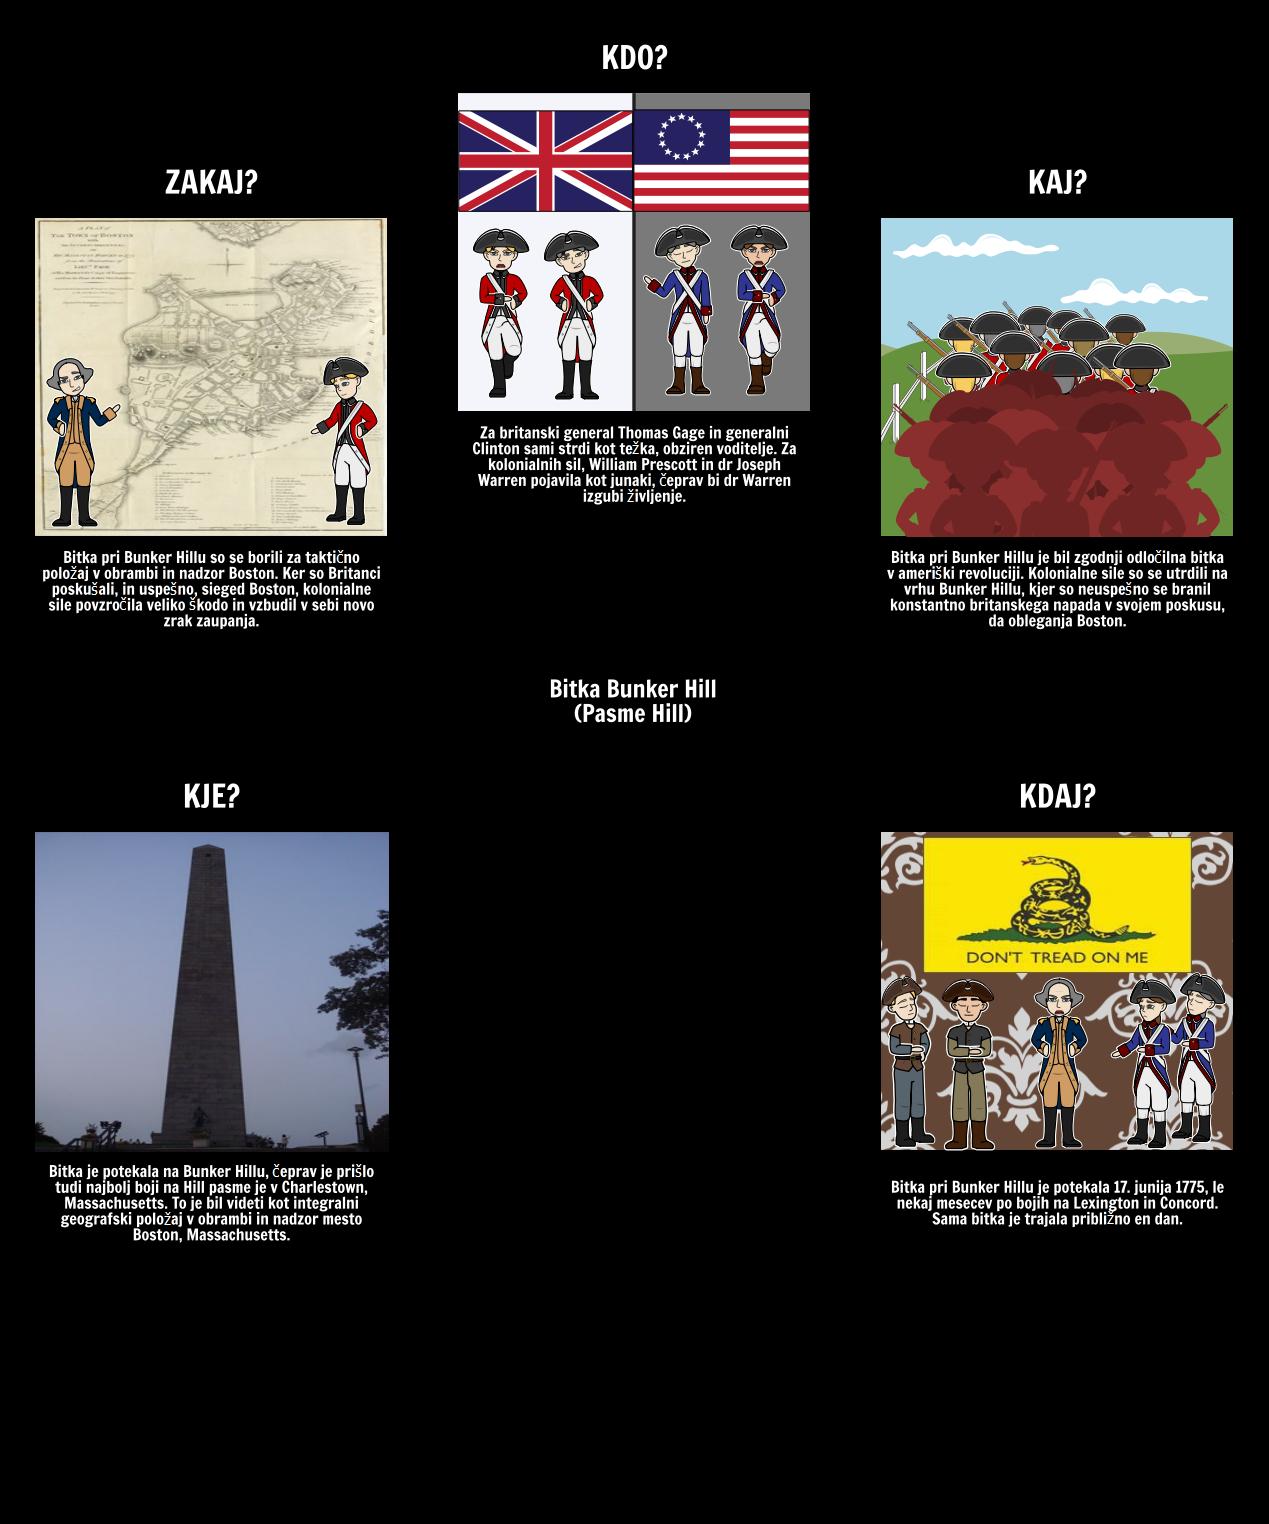 Bitka pri Bunker Hillu 5 Ws